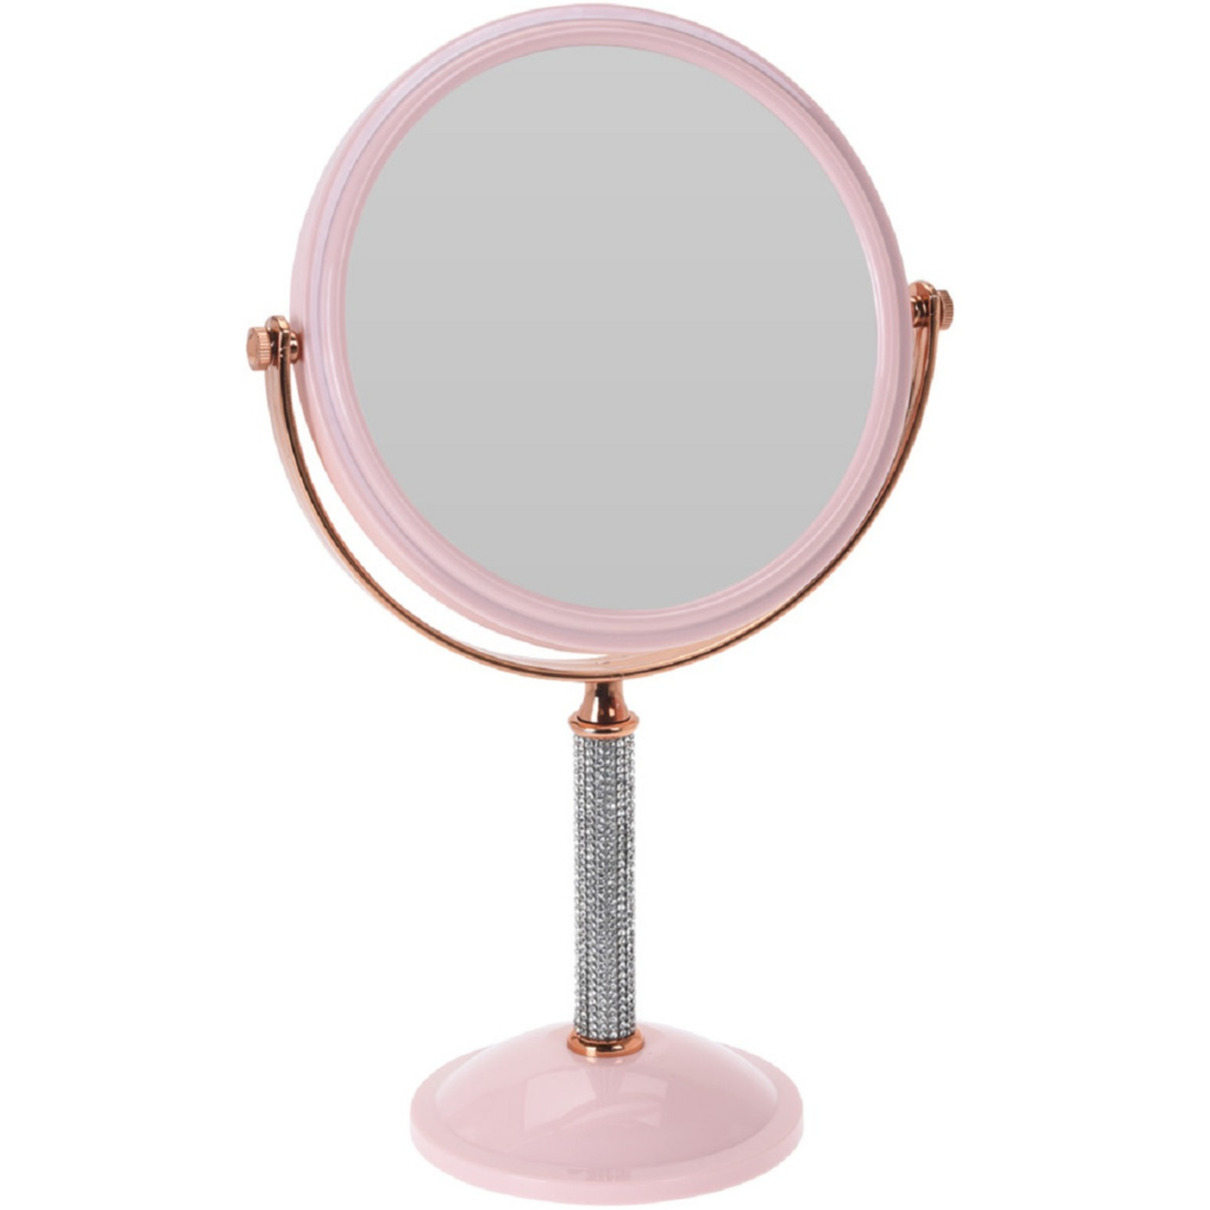 Roze make up spiegel met strass steentjes rond dubbelzijdig 17 5 x 33 cm